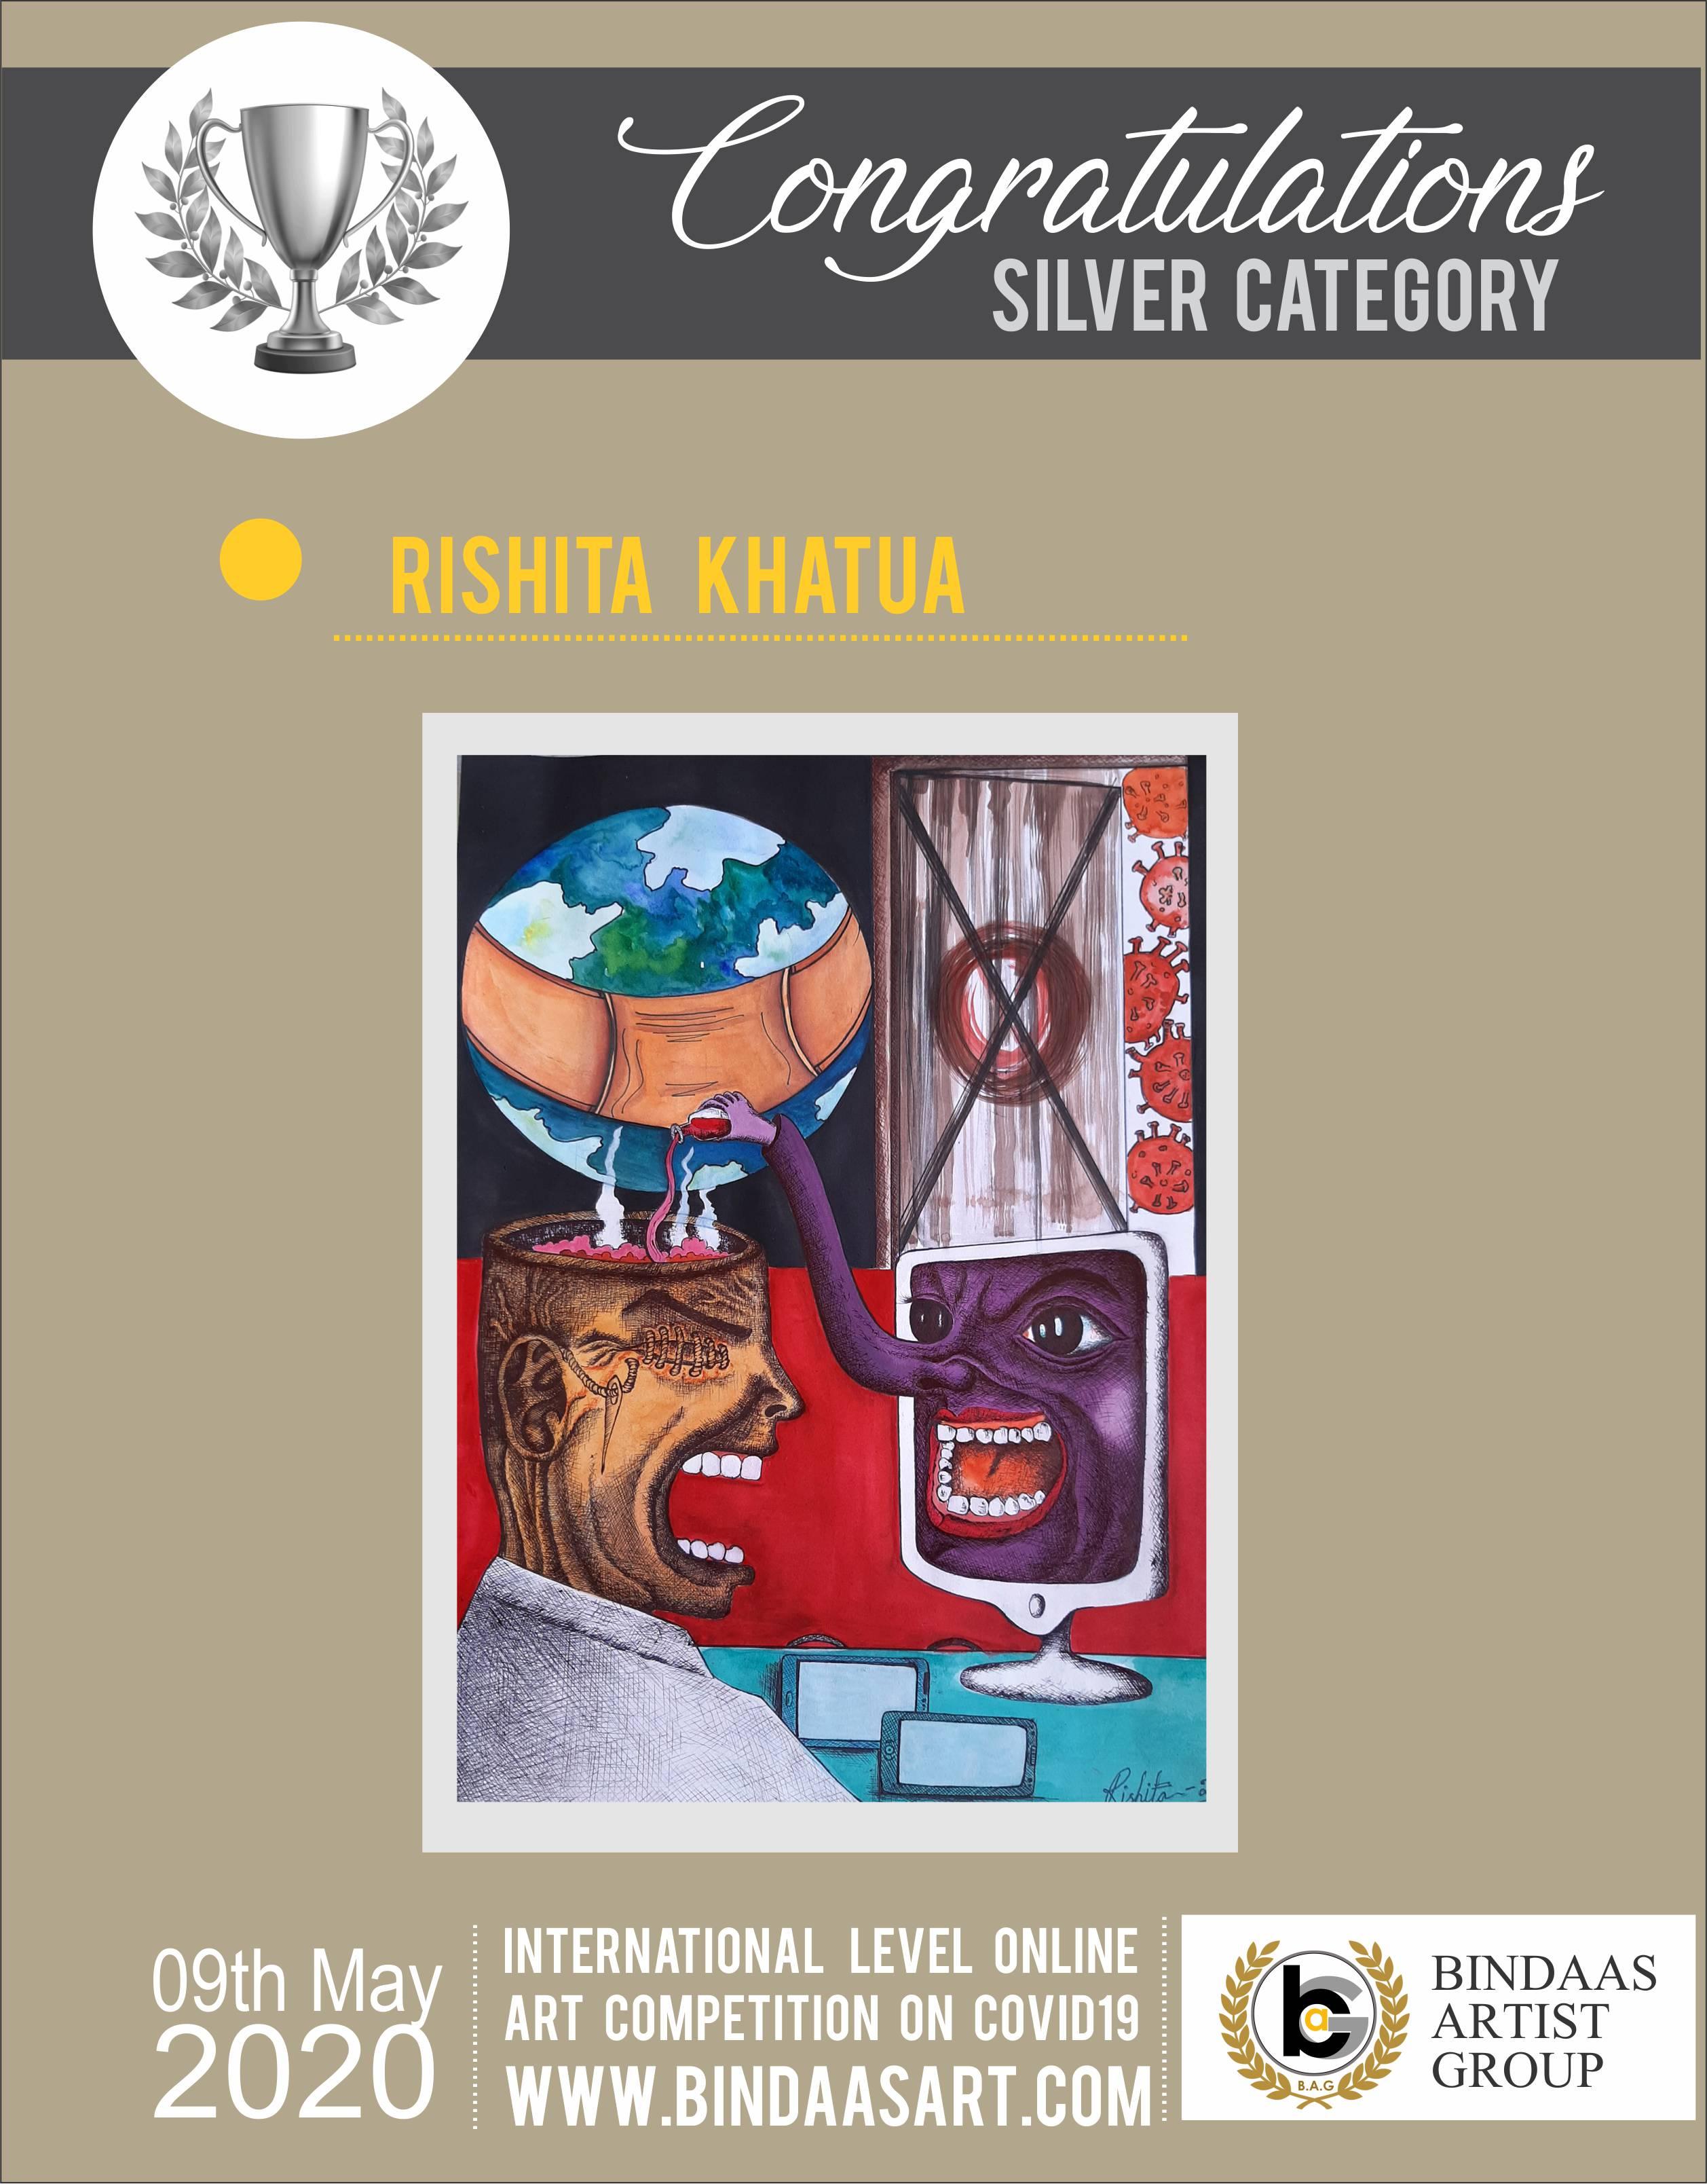 Rishita khatua